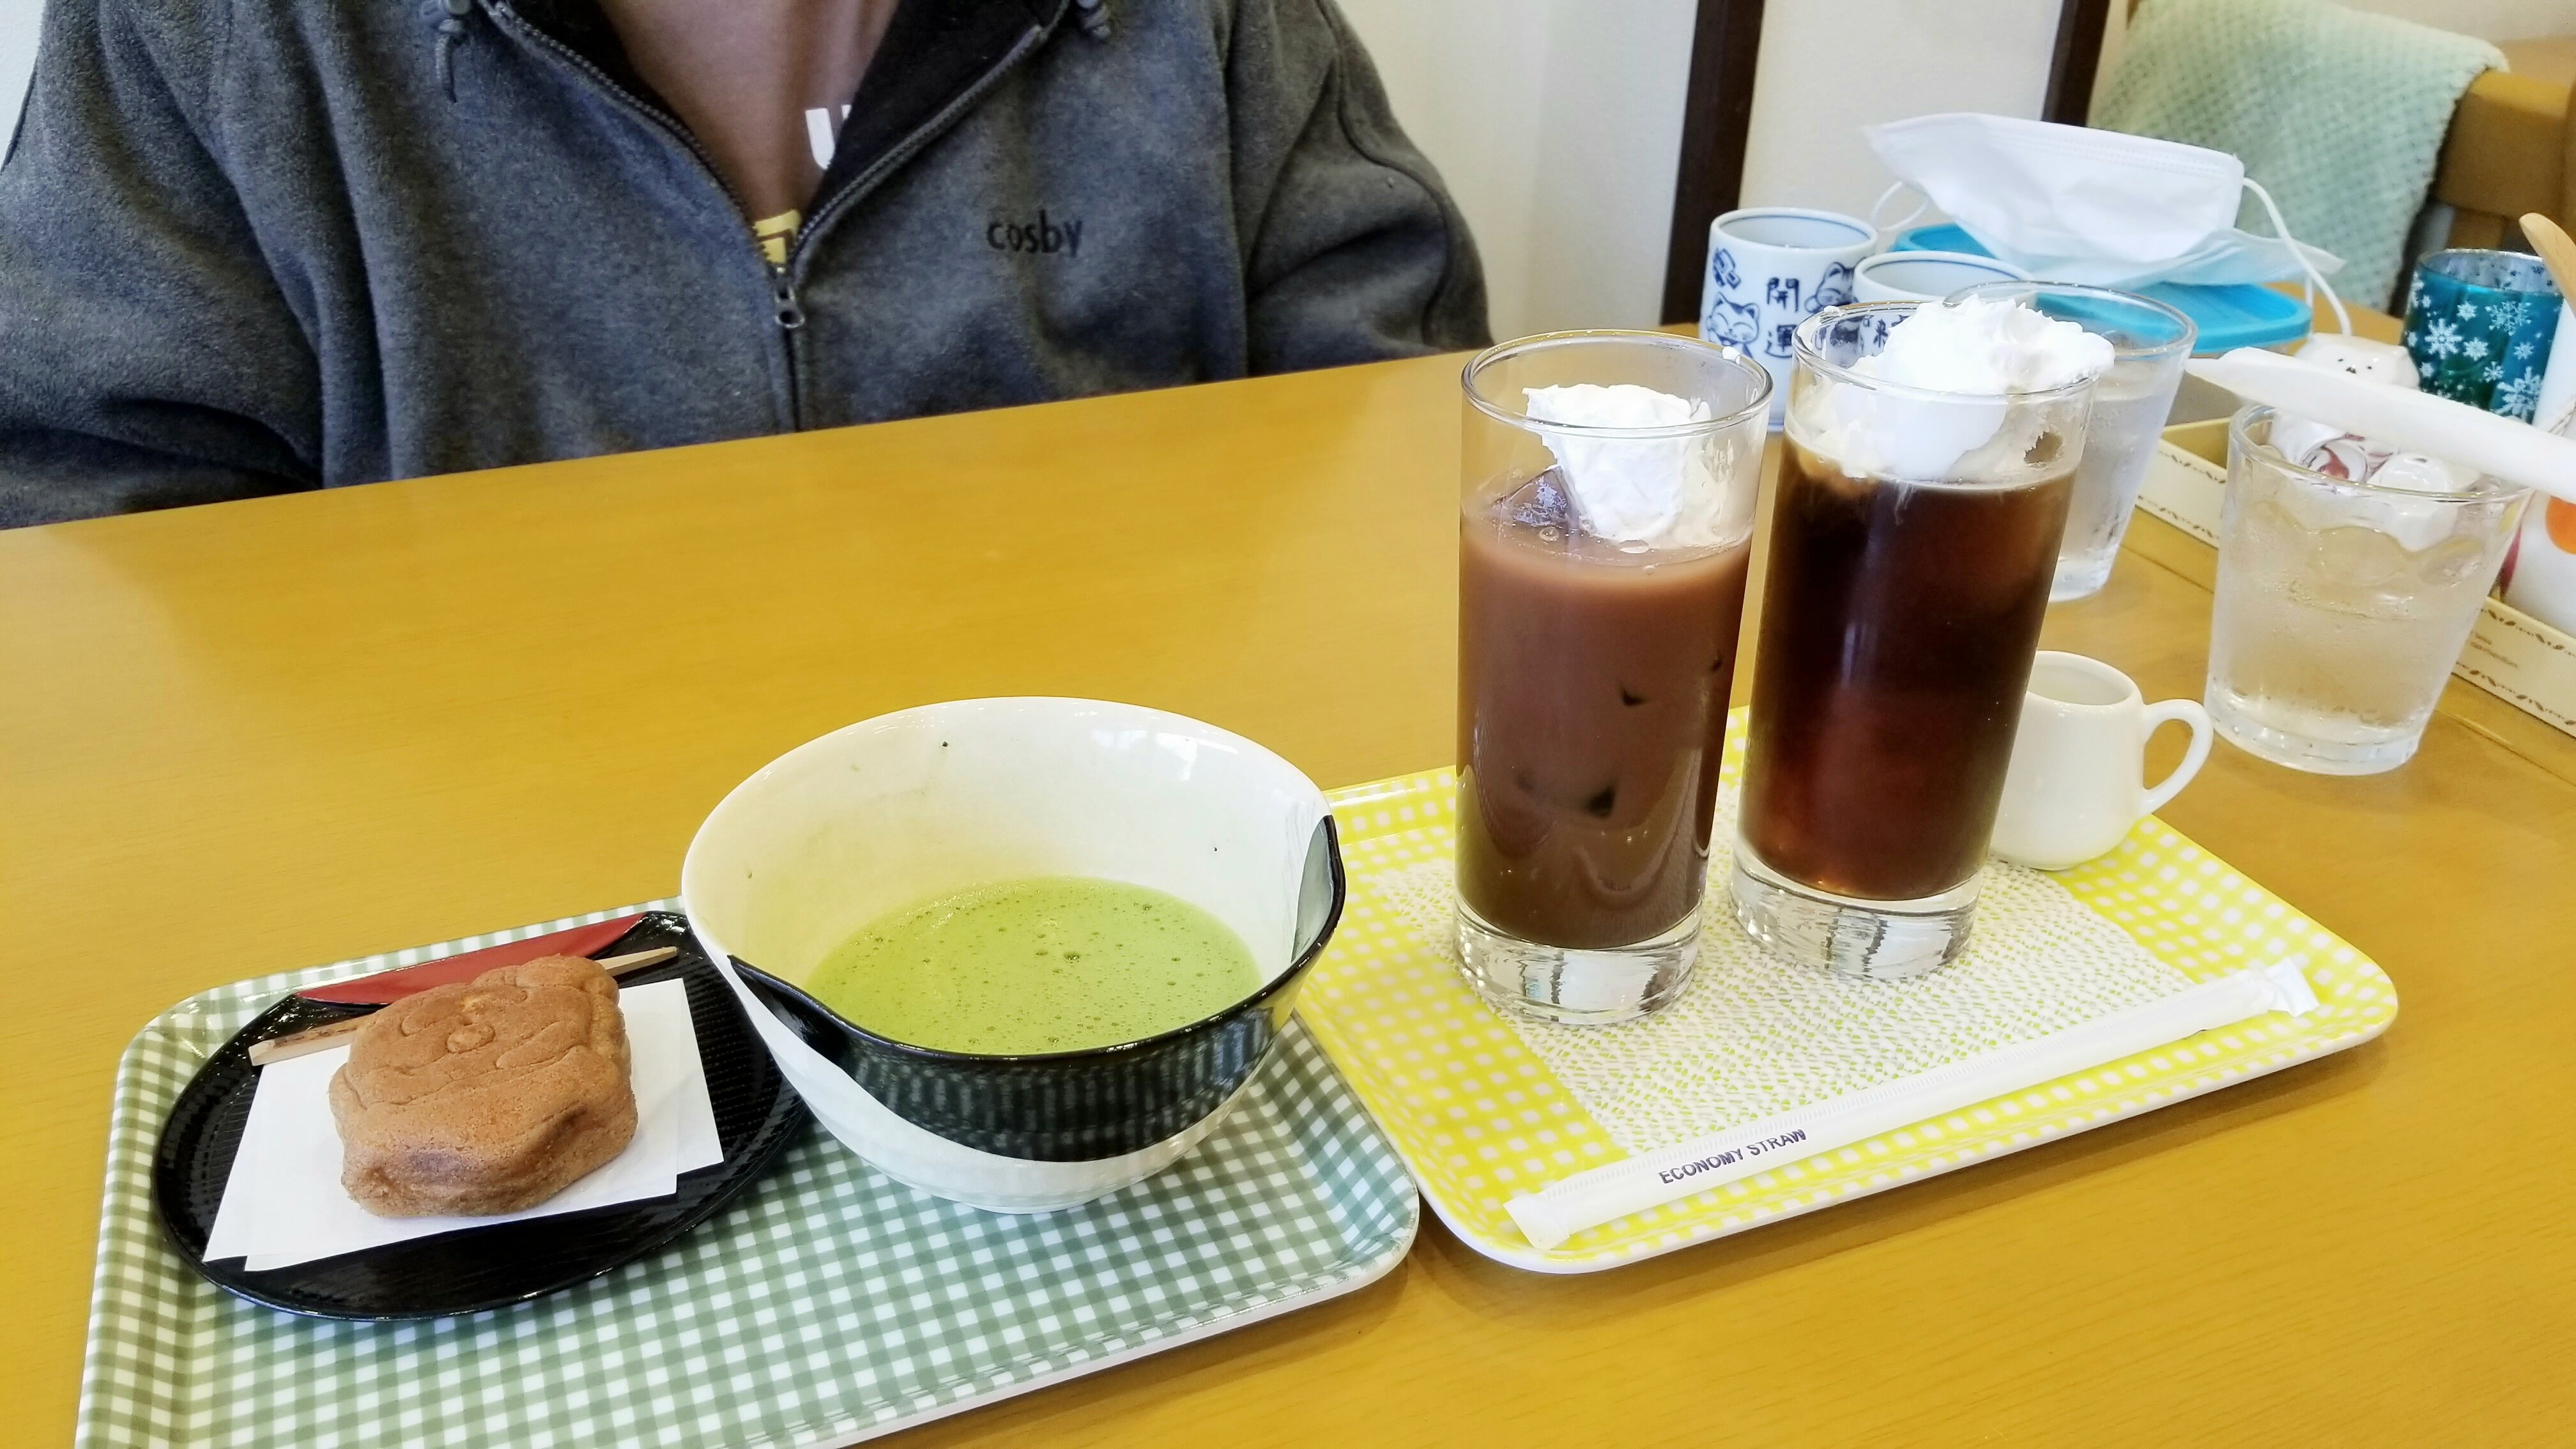 愛媛県松山市デザートドリンク付きおすすめランチ四国美味しい安い